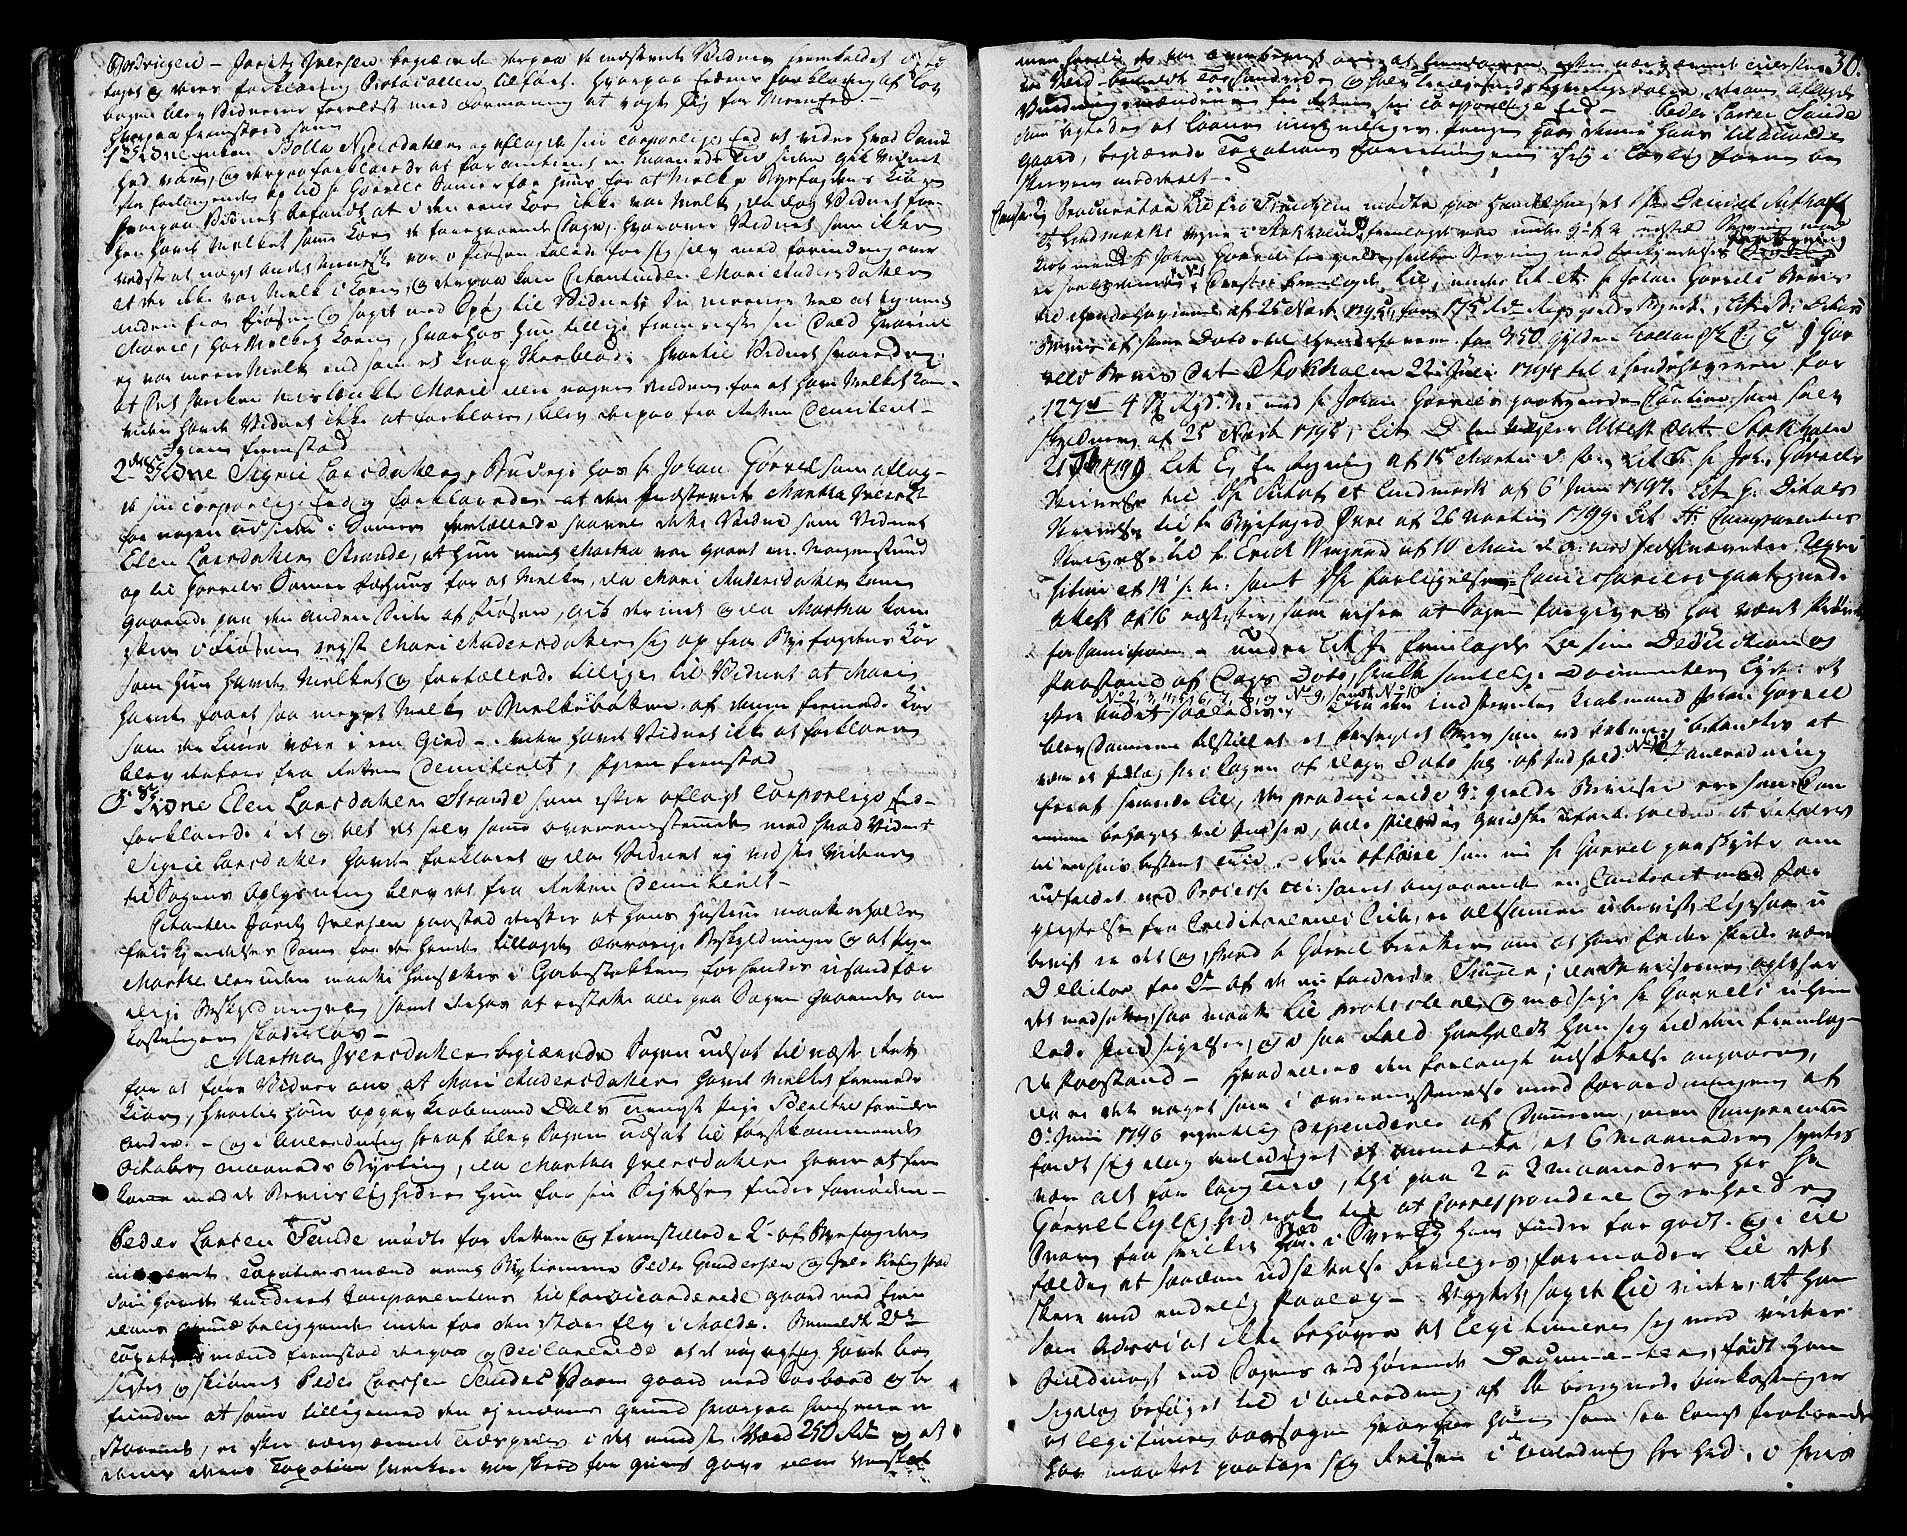 SAT, Molde byfogd, 1/1A/L0002: Justisprotokoll, 1797-1831, p. 29b-30a